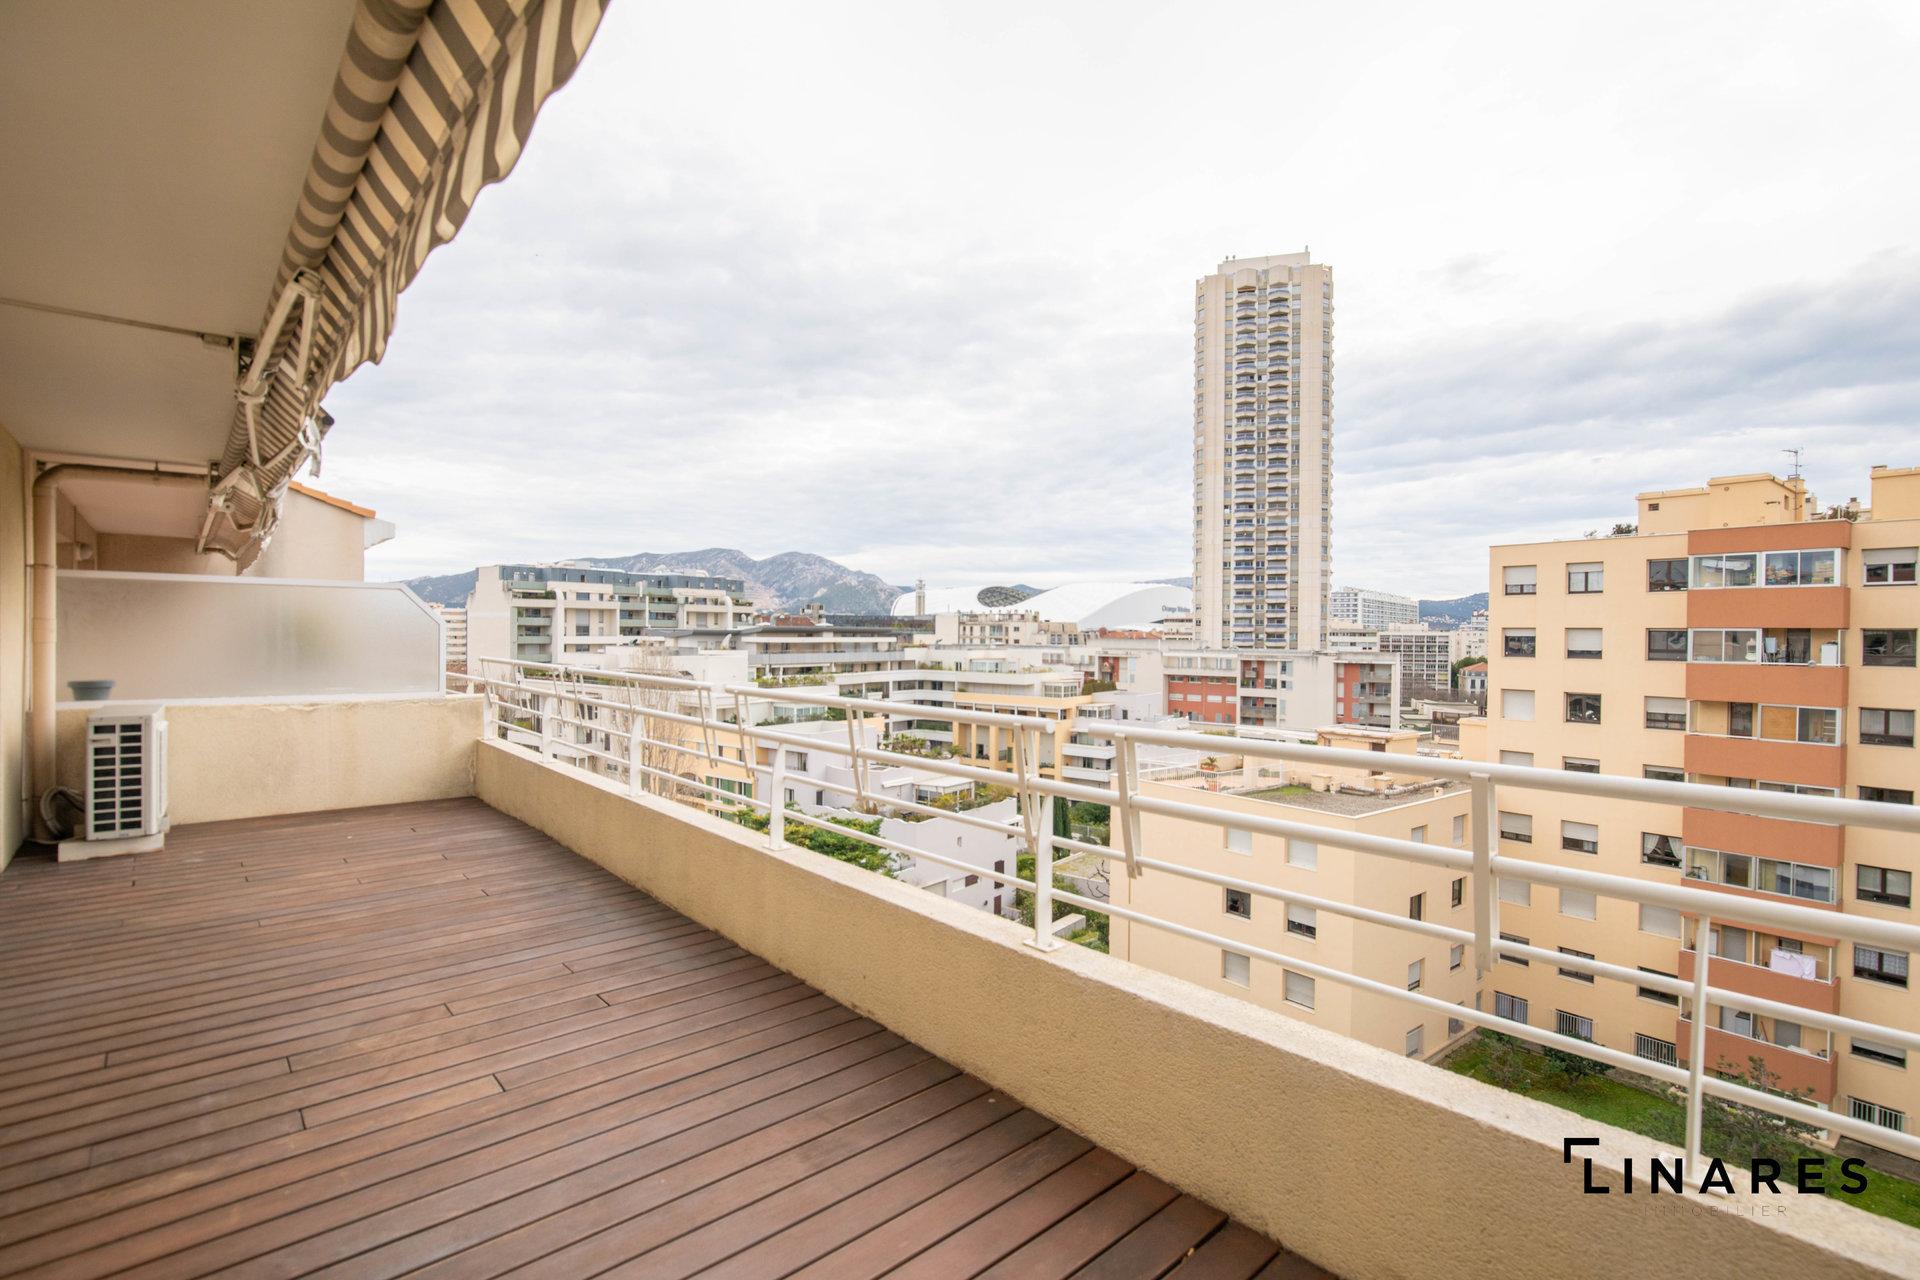 LE DOMINANT Appart en toit terrasse T4 de 124m2 + box double